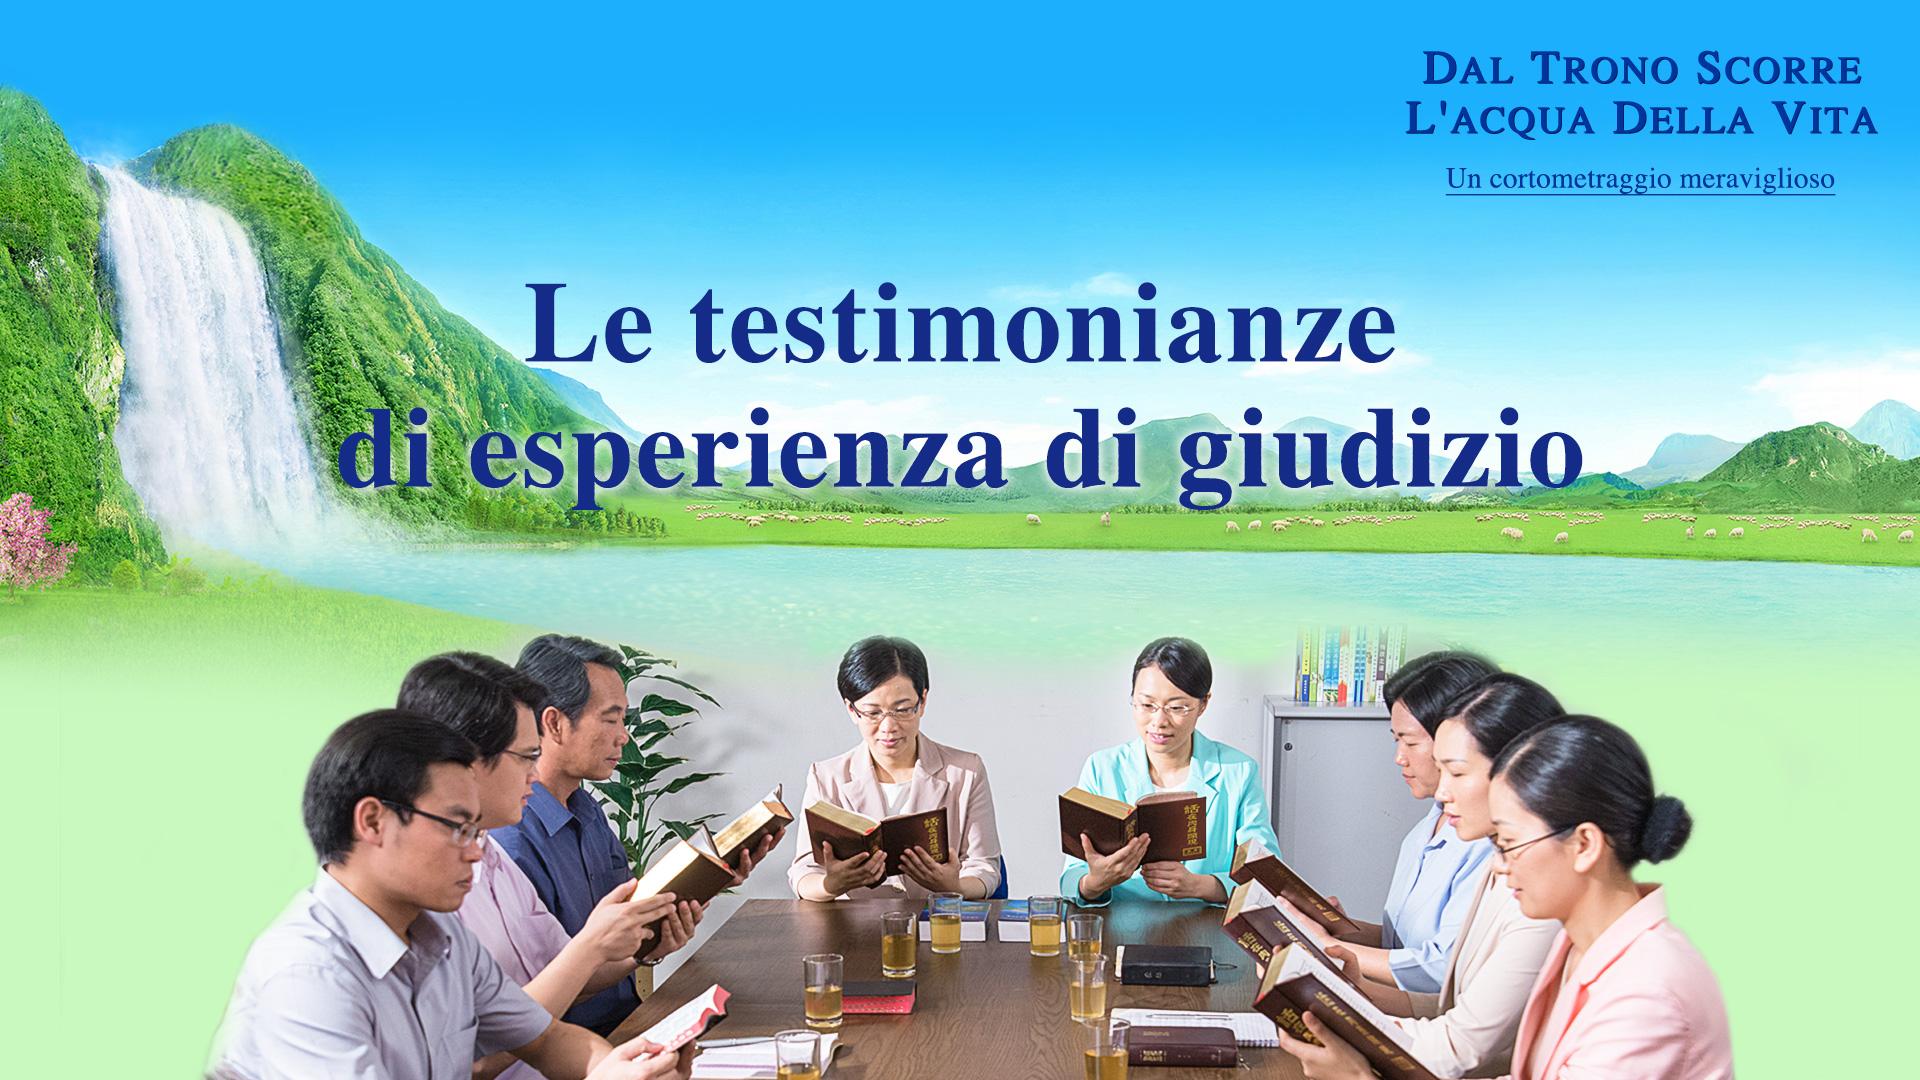 Dal Trono Scorre L'acqua Della Vita - La testimonianza di esperienza di giudizio   Lodare Dio Onnipotente